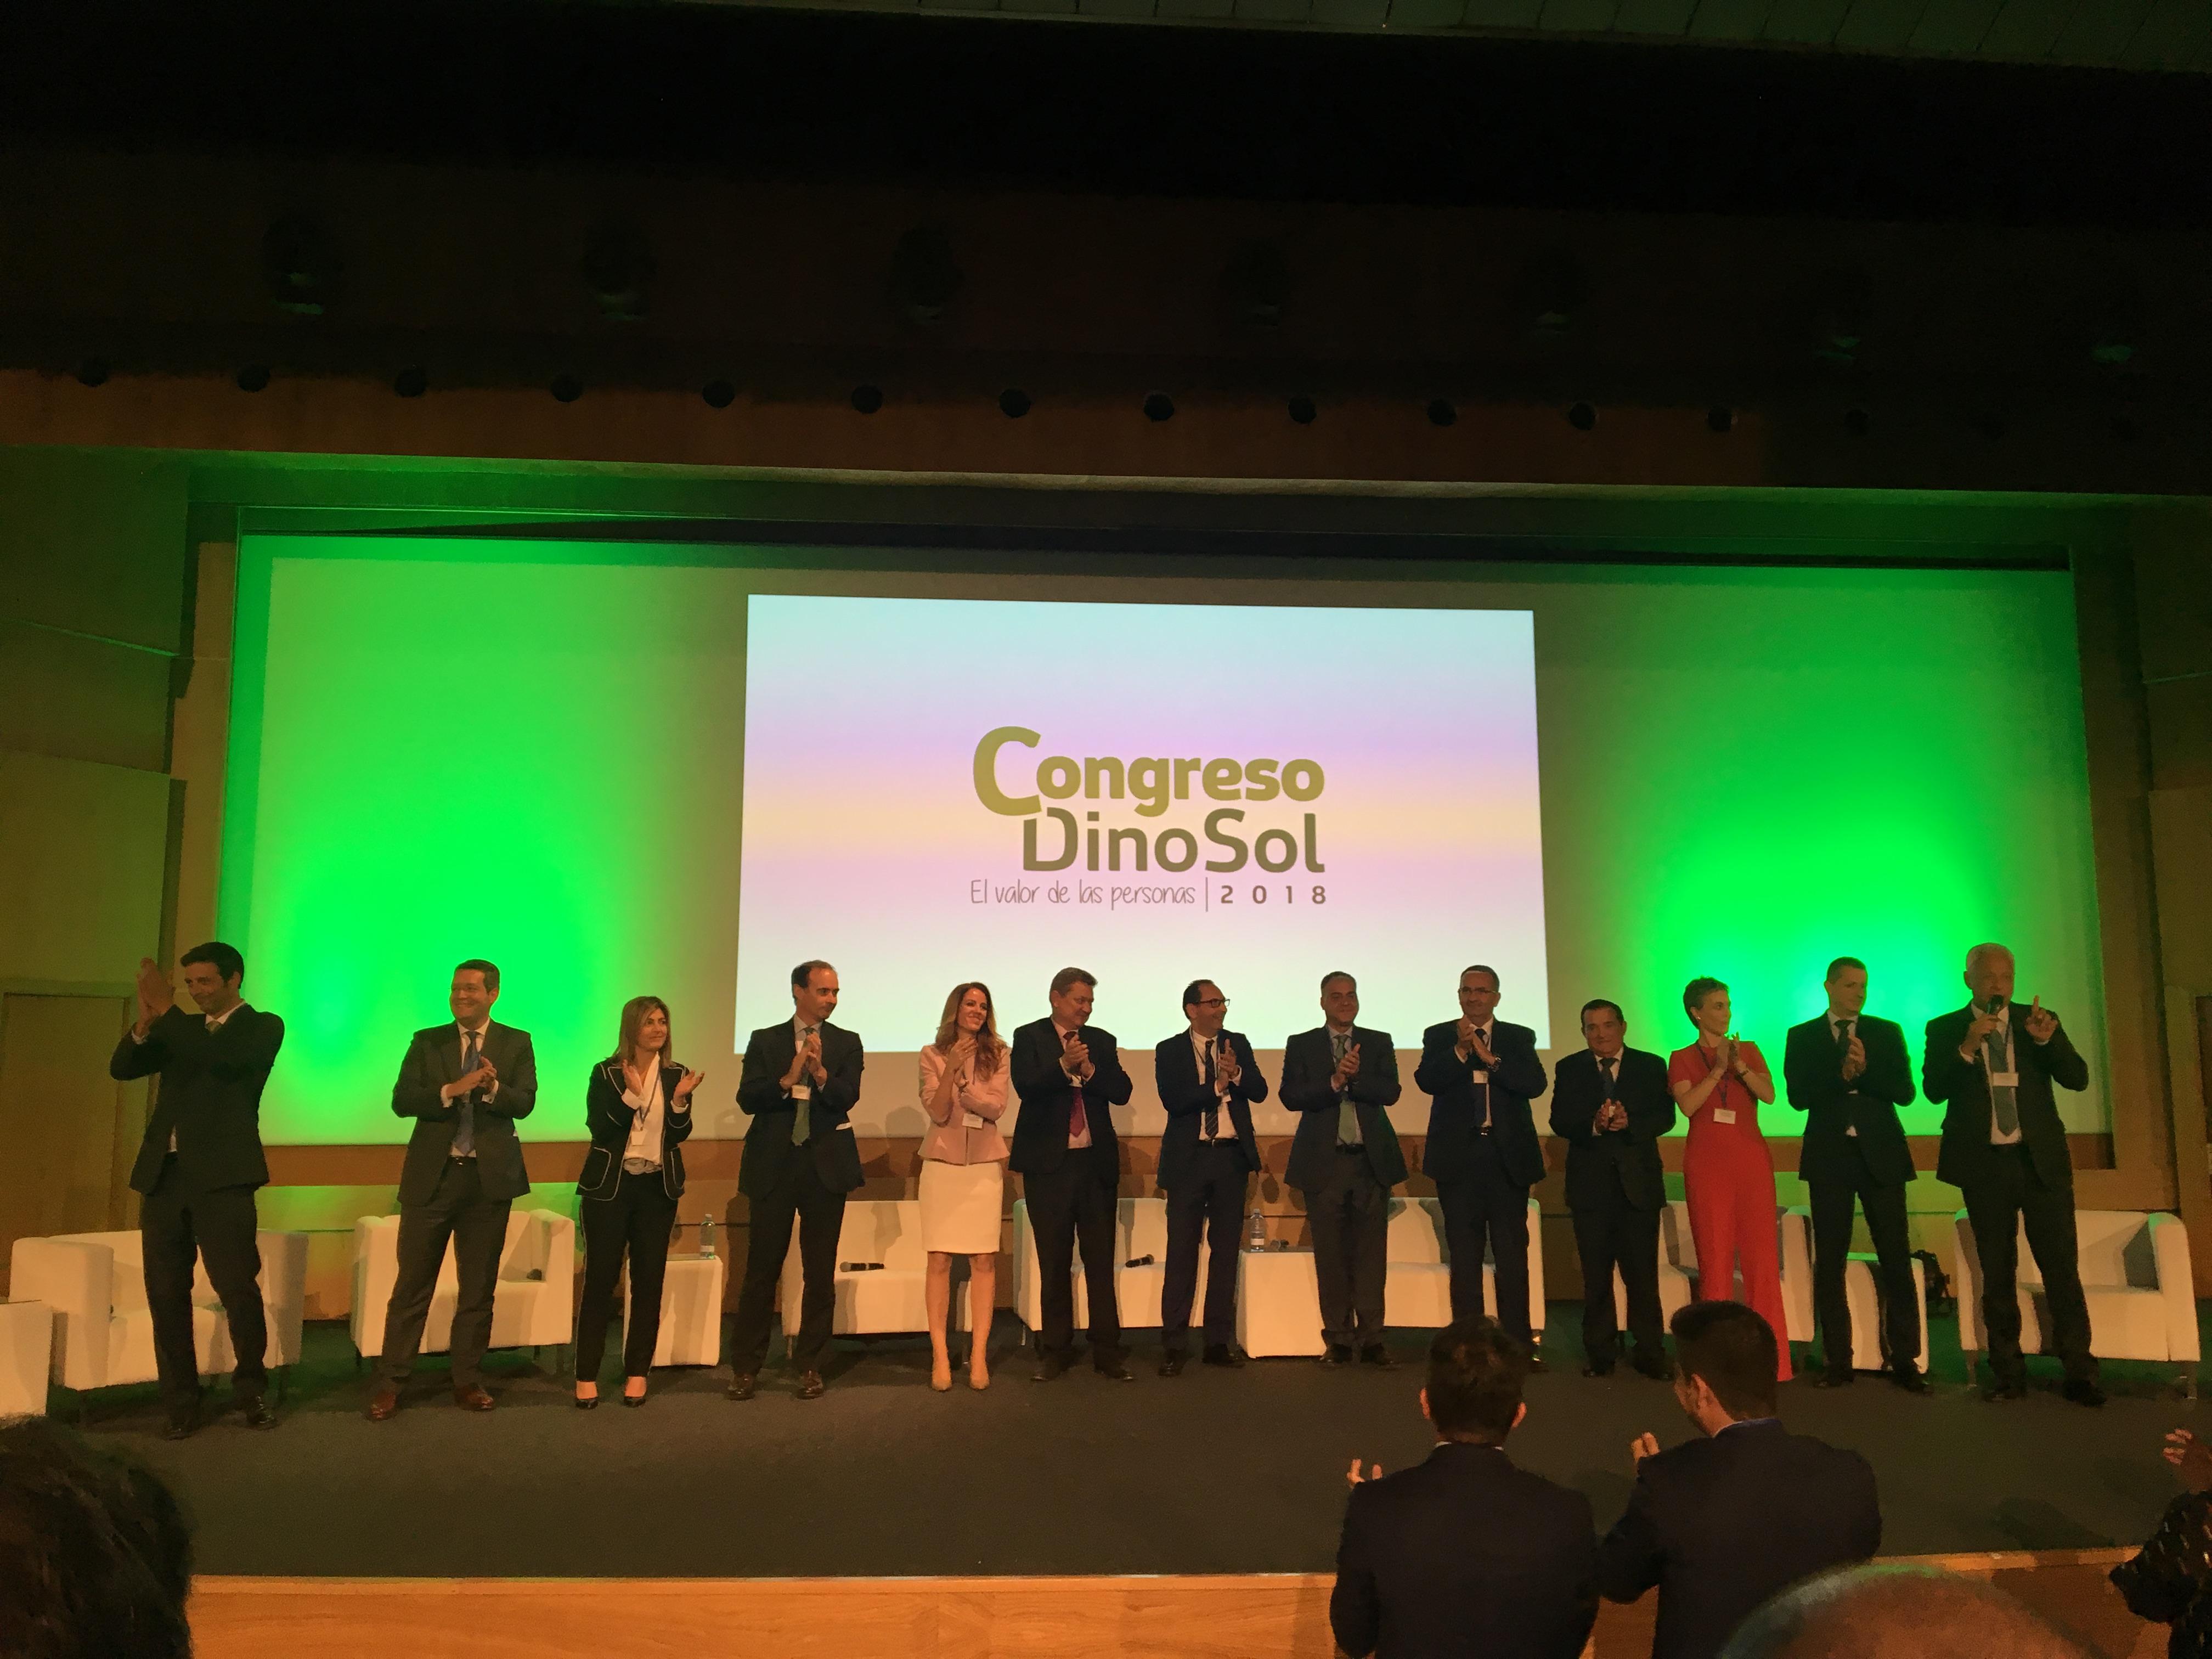 El Grupo DinoSol celebra el Congreso DinoSol 2018